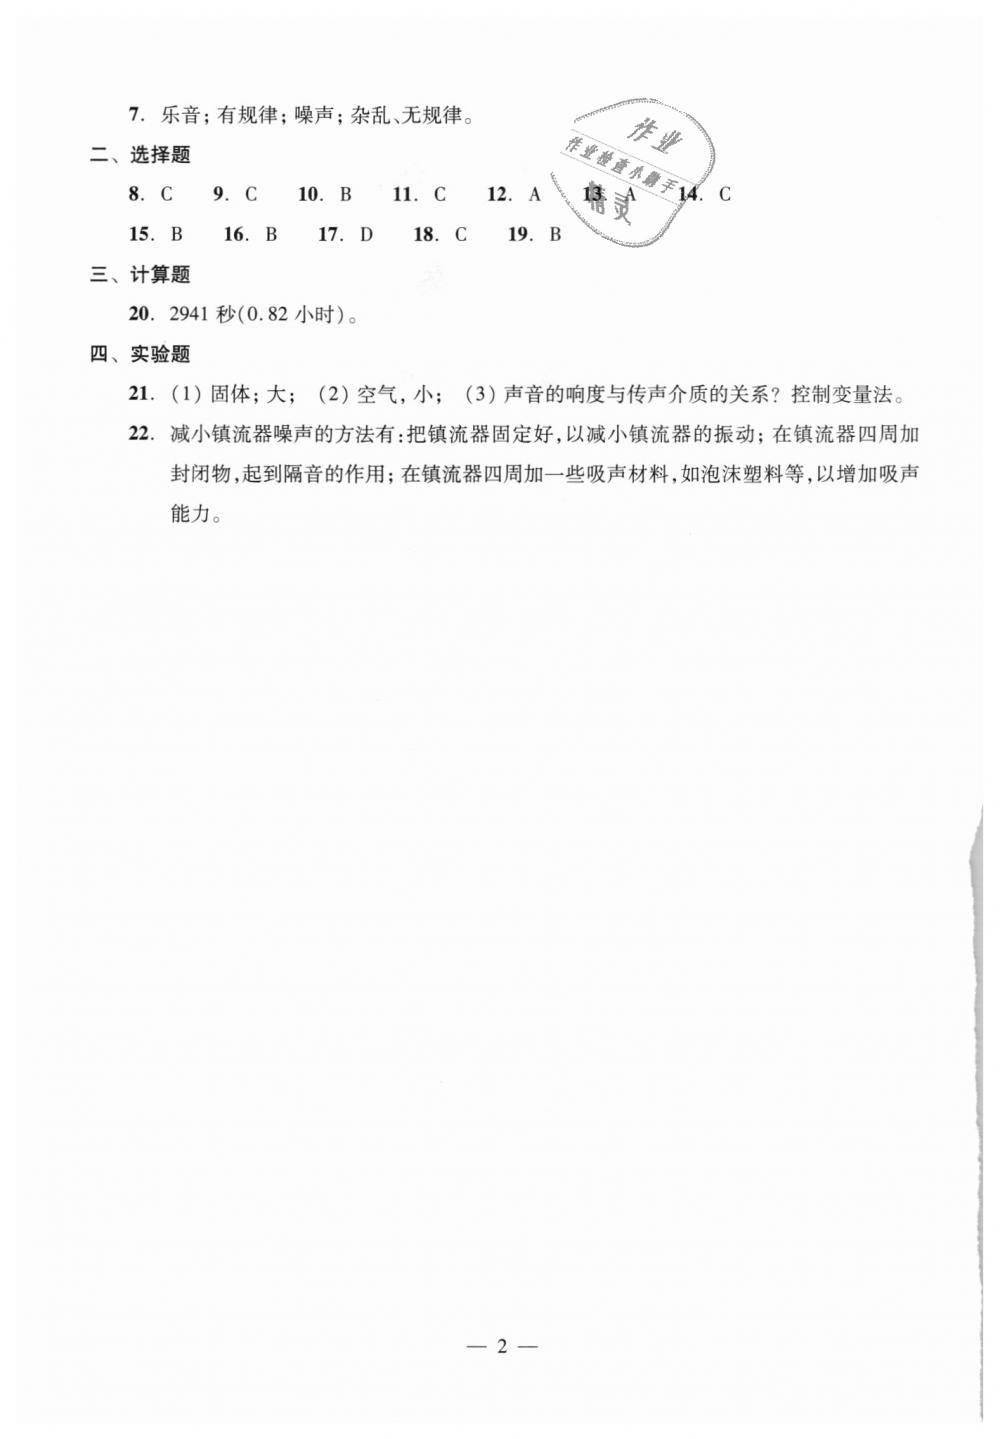 2018年初中物理双基过关堂堂练八年级全一册沪教版第46页